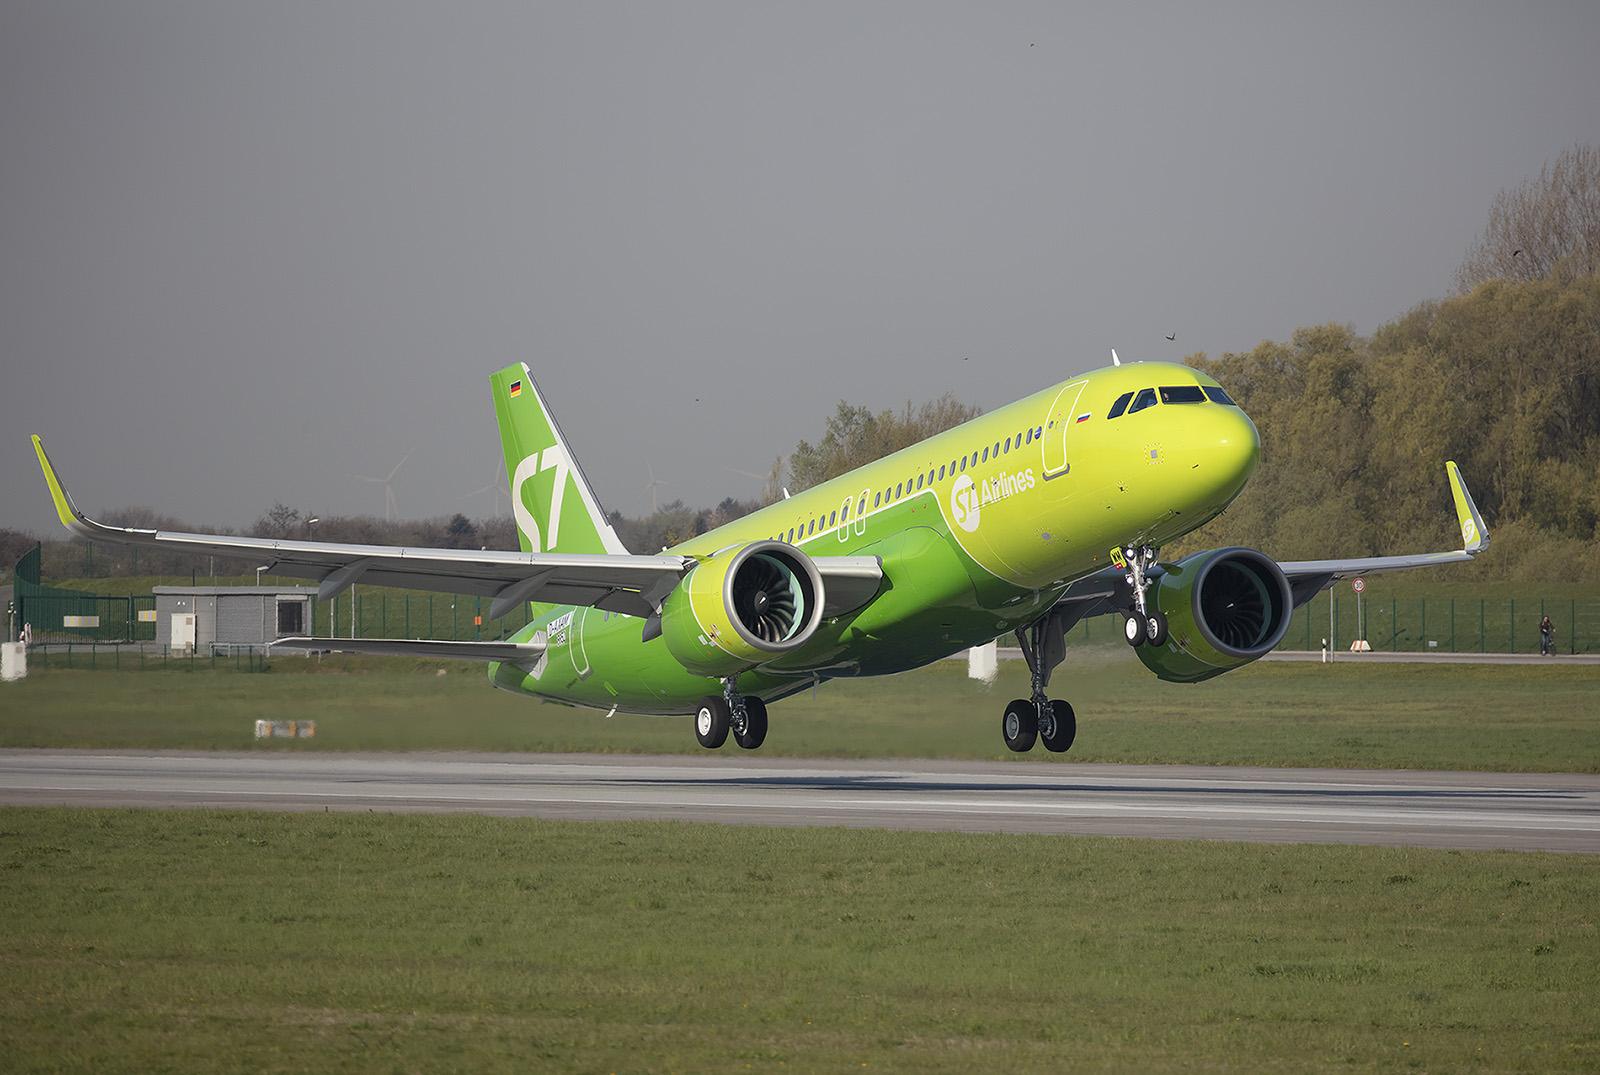 Die S7 Airlines aus Russland betreibt etliche Maschinen der A 320-Familie.